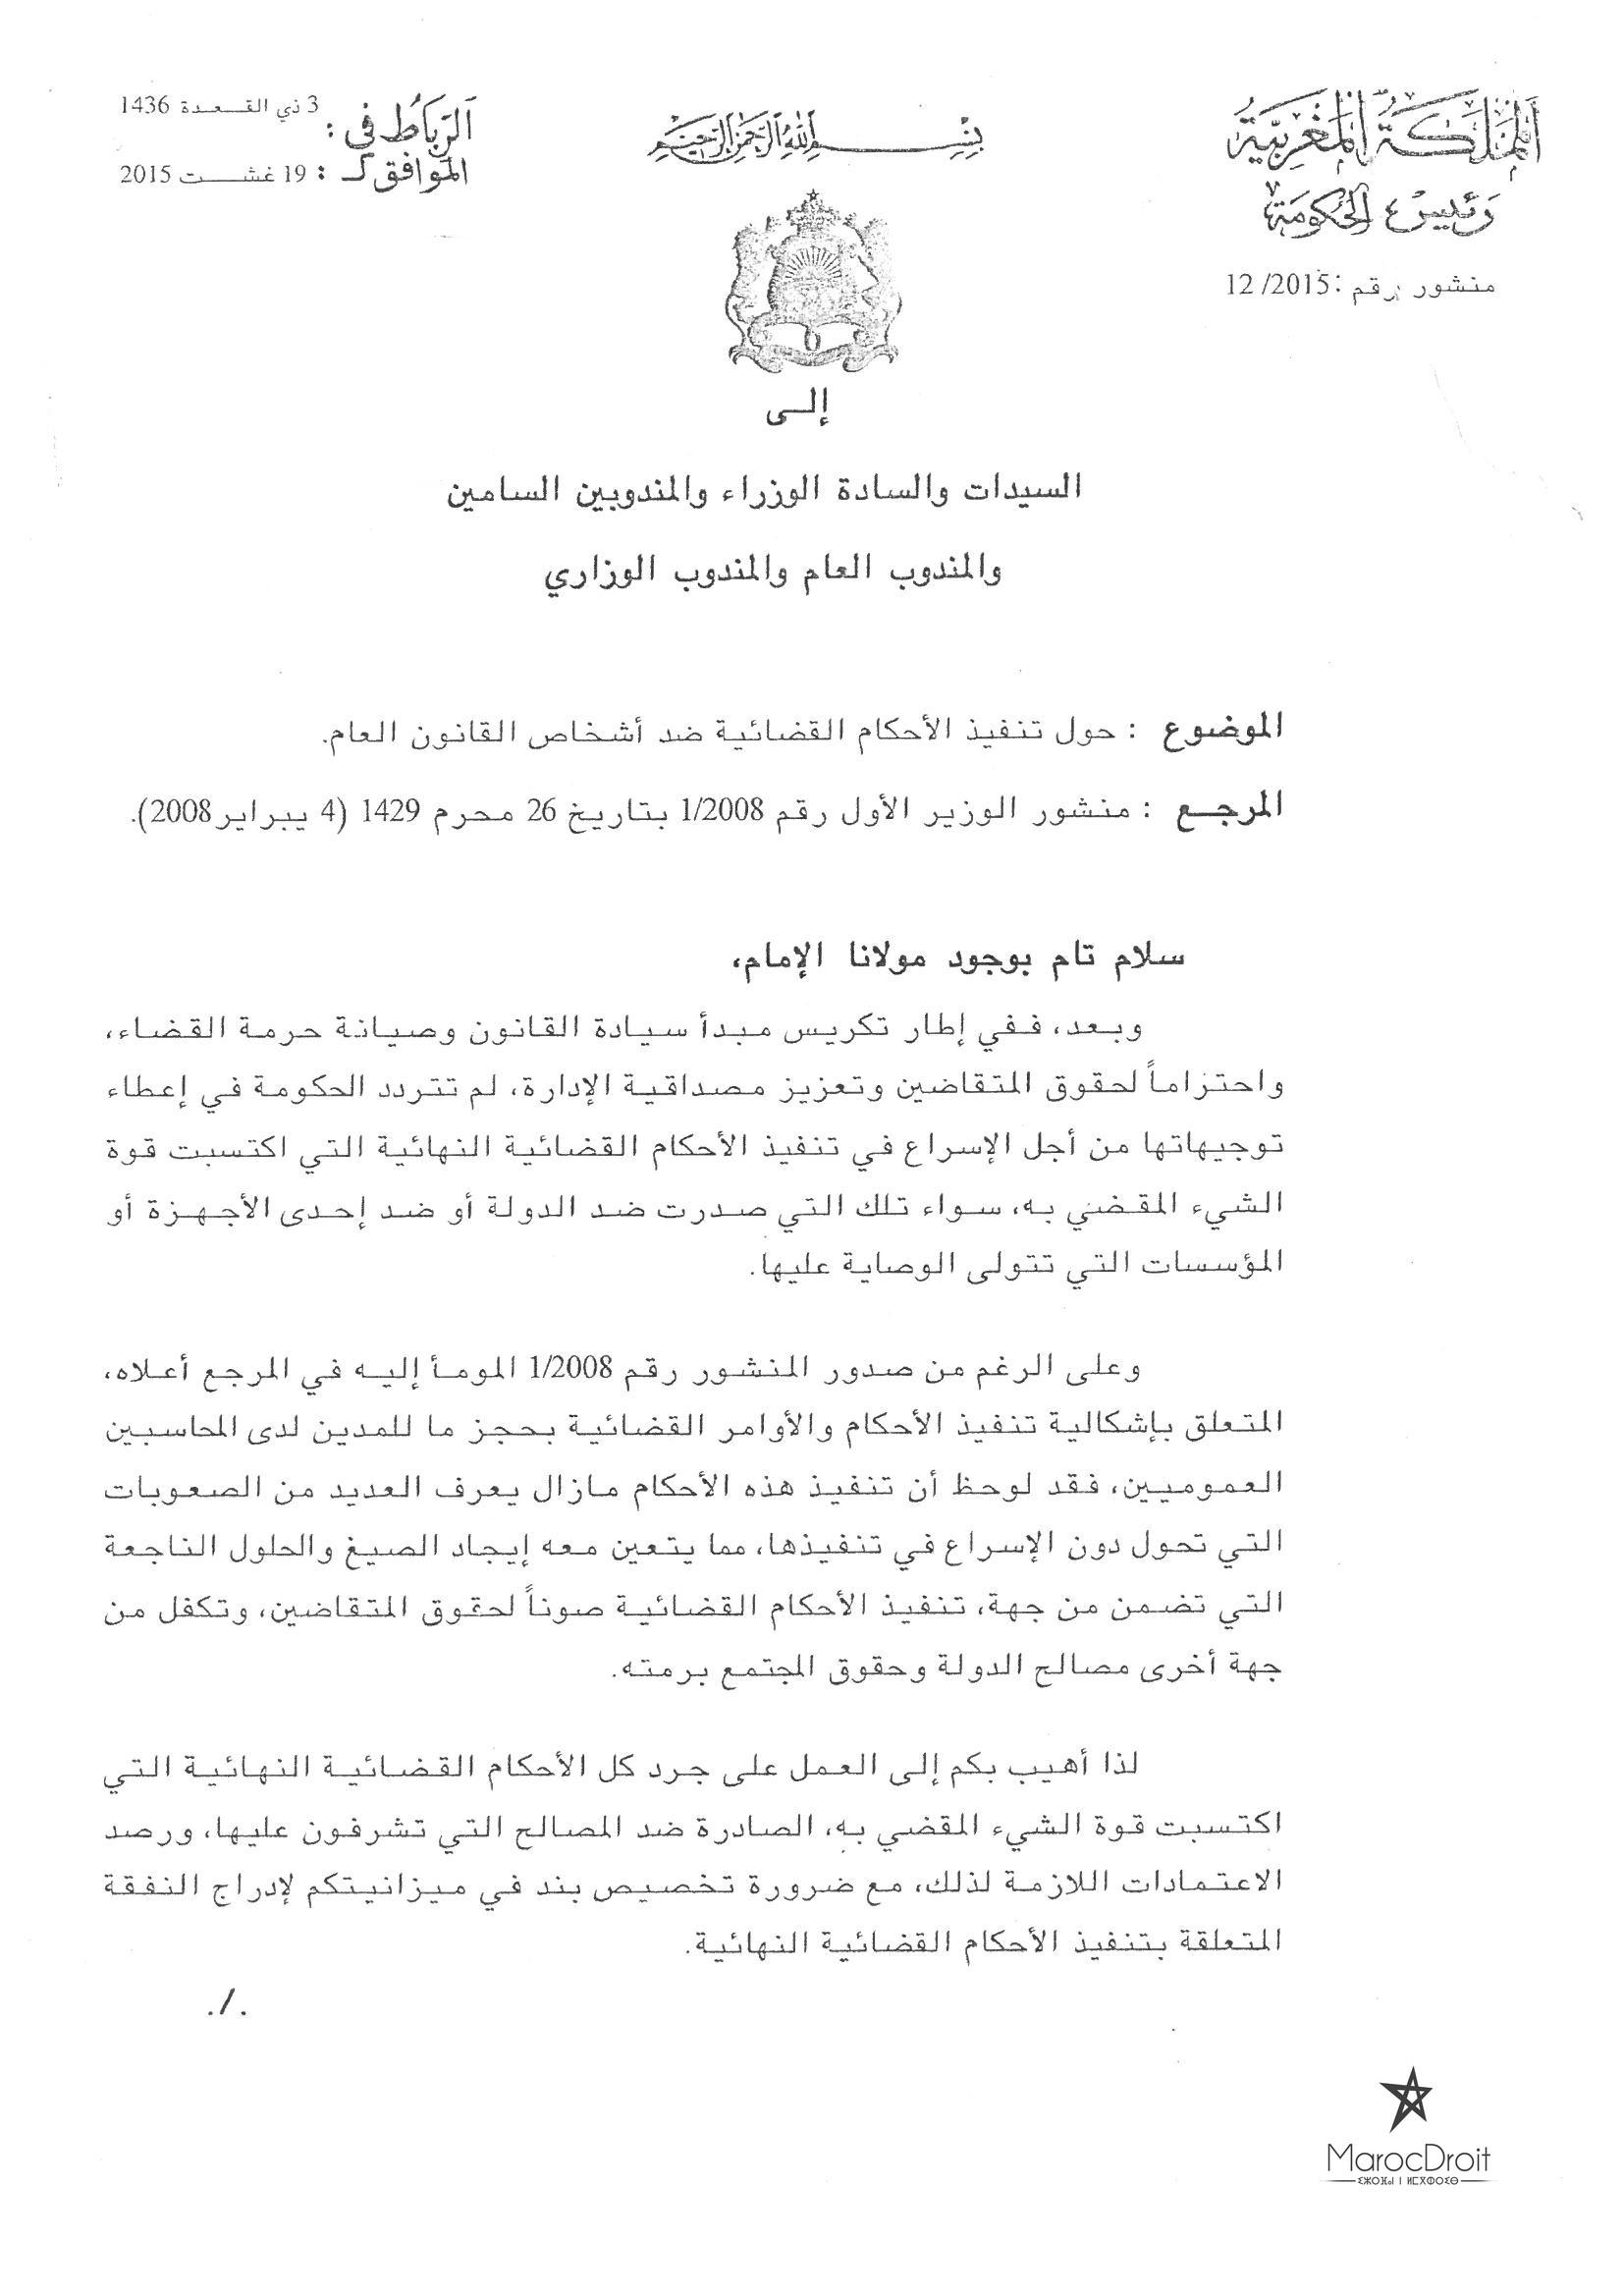 منشور لرئيس الحكومة تحت عدد 12/2015 حول تنفيذ الأحكام القضائية ضد أشخاص القانون العام